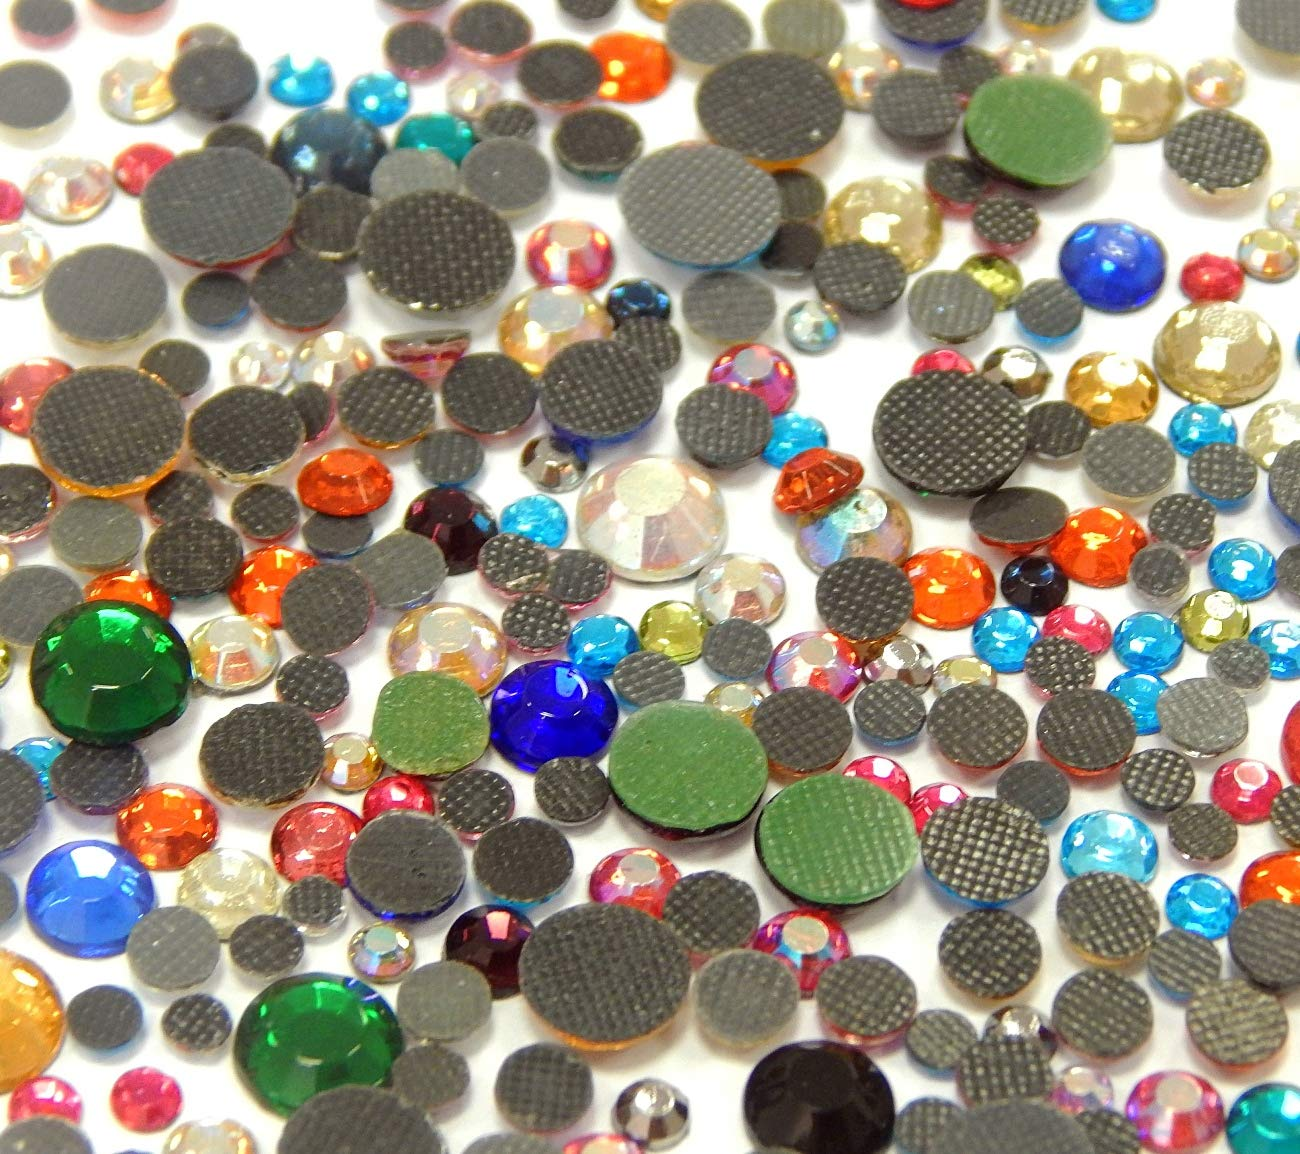 Perlin Hotfix Strasssteine Mix Set 2mm 3mm 4mm 5mm 6mm Bunte 1200stk AAA Qualit/ät zum Aufb/ügeln Glitzersteine Rhinestone Selbstklebend Farbe der Mischung 455